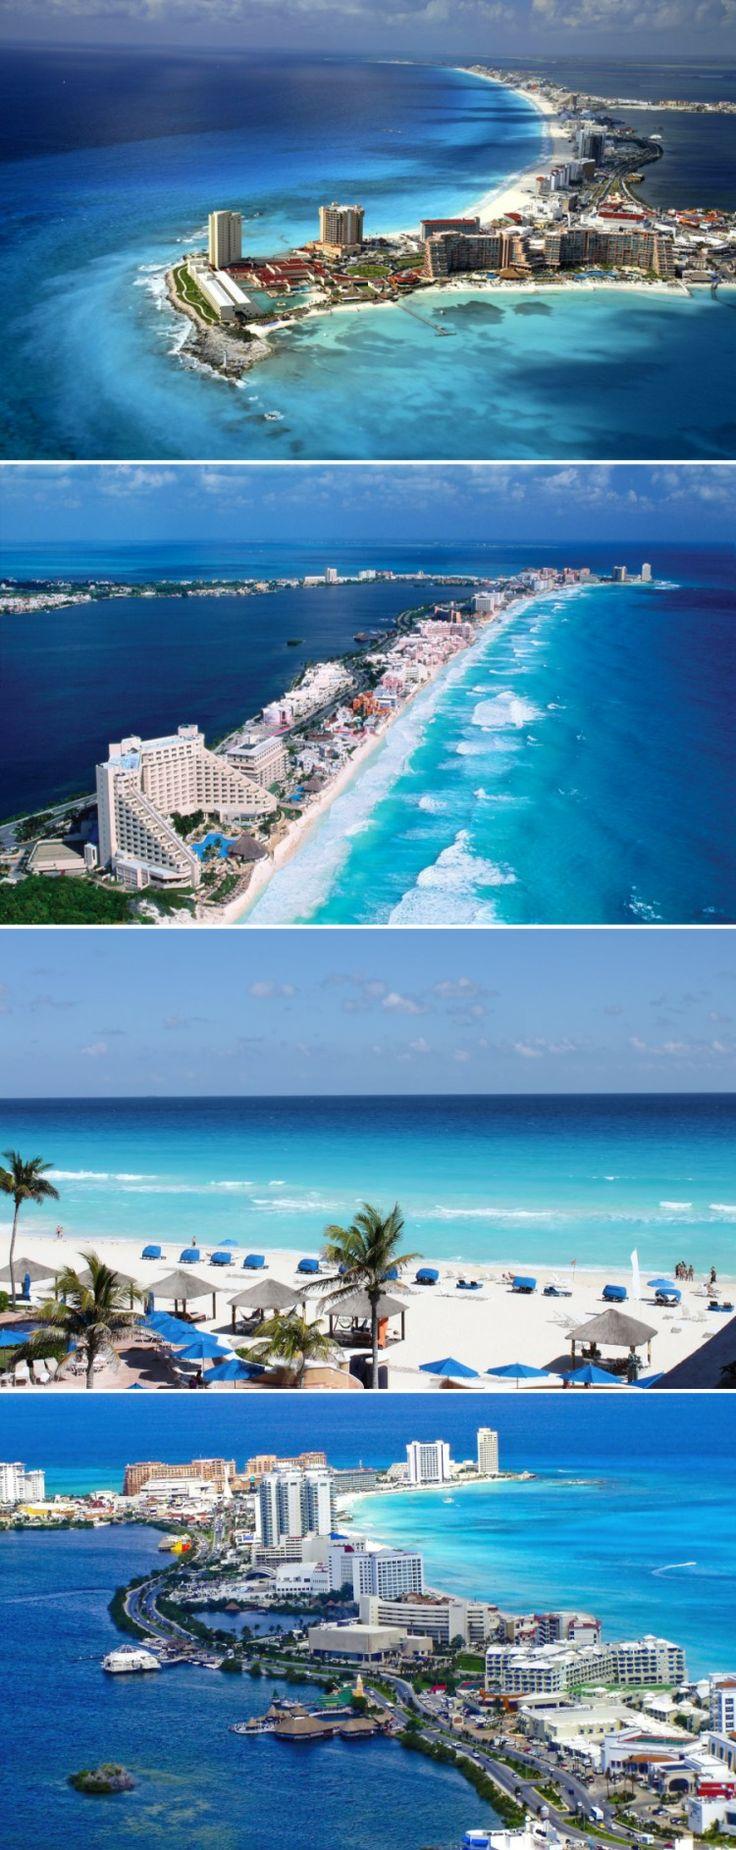 Это город Канкун на восточной оконечности полуострова Юкотан в Мексике. Он входит в 5-ку лучших курортов мира. Если любишь пляжный отдых – обязательно запланируй поездку сюда. https://www.facebook.com/nespi.ru/posts/646883142065517